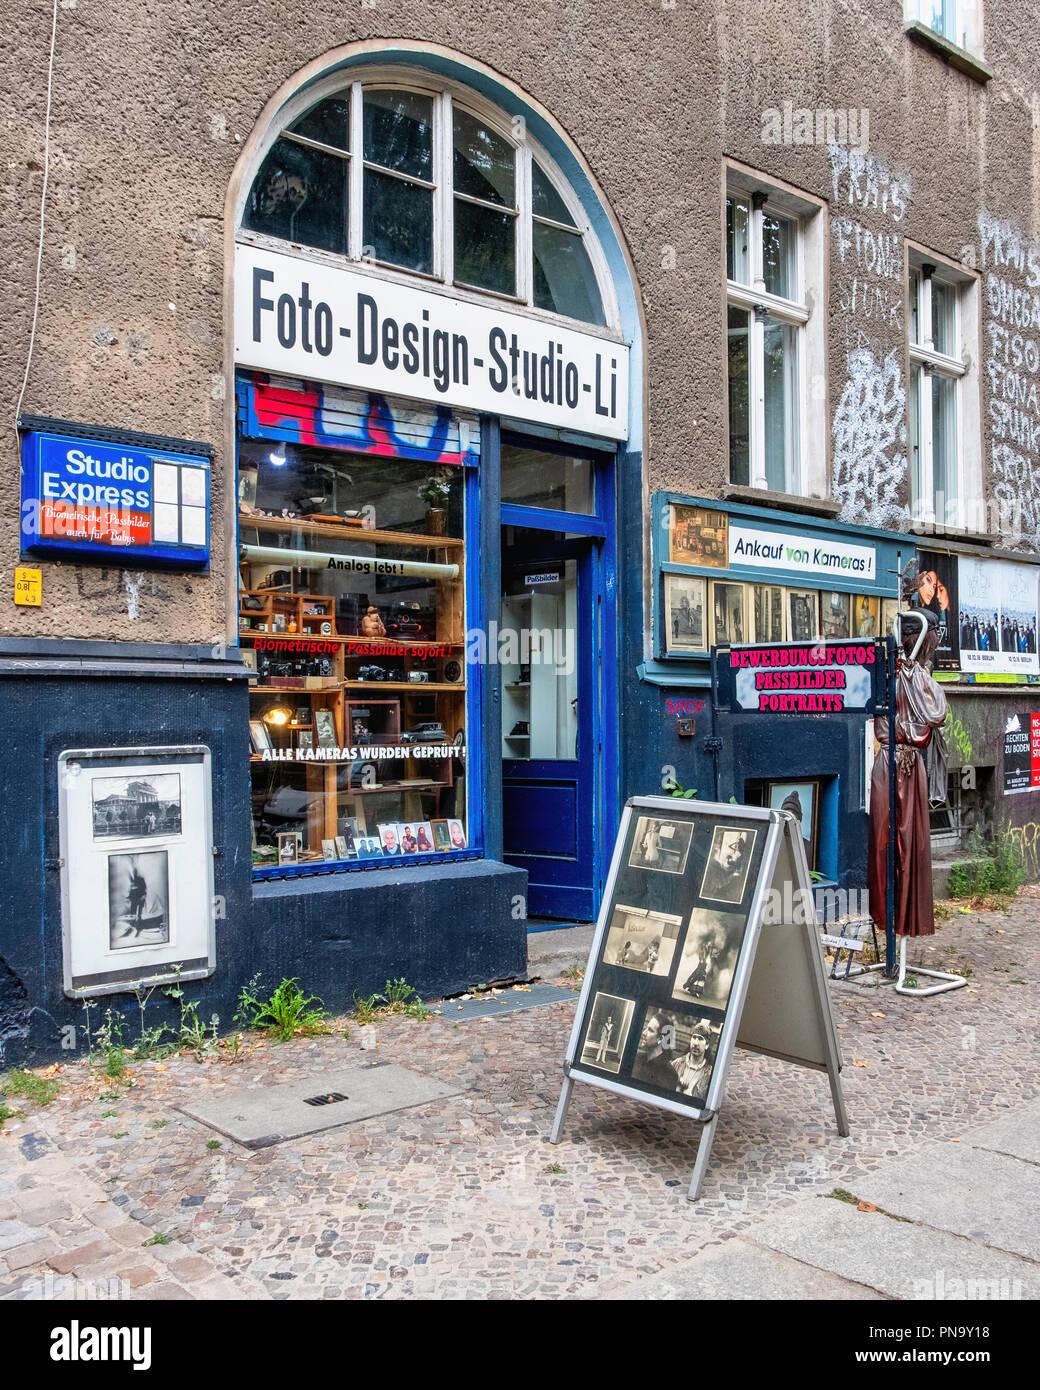 Berlino, Prenzlauerberg. Foto Design Studio Hartmut Li, vetrina del negozio fotografico con le vecchie foto e vintage di seconda mano telecamere Immagini Stock